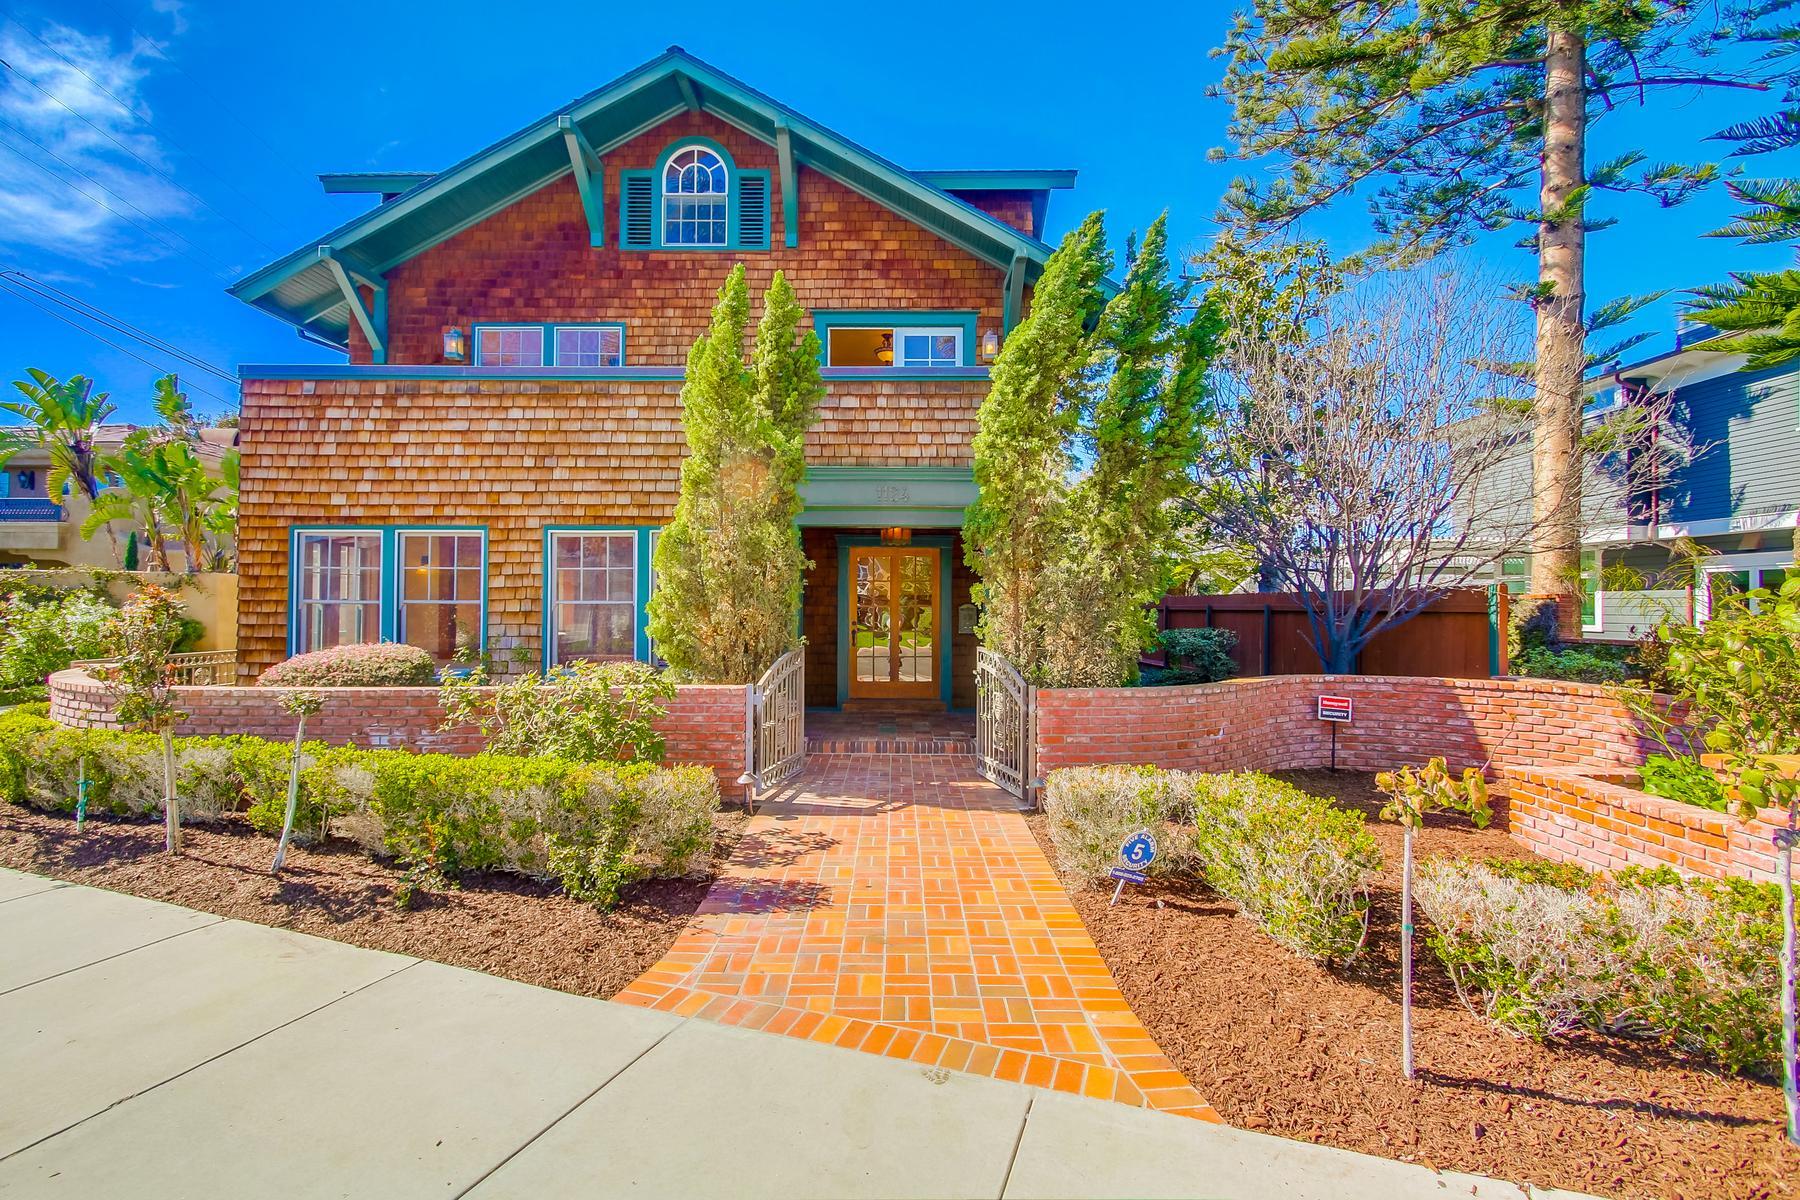 Casa Unifamiliar por un Venta en 1124 G Avenue Coronado, California, 92118 Estados Unidos